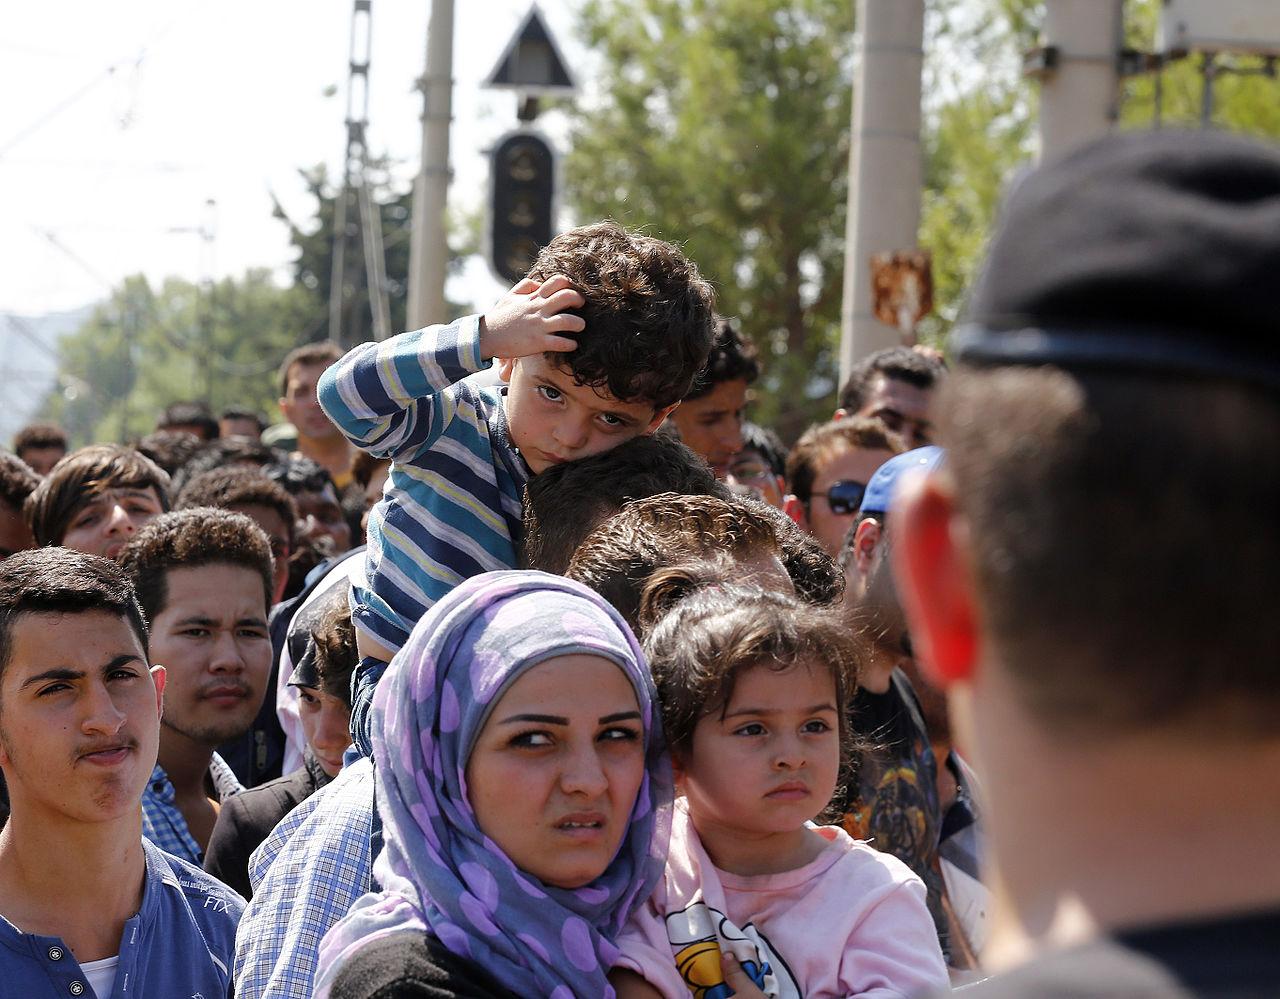 Łukasz Polinceusz oprzyszłości polityki azylowej pozamachu wBerlinie wPR24